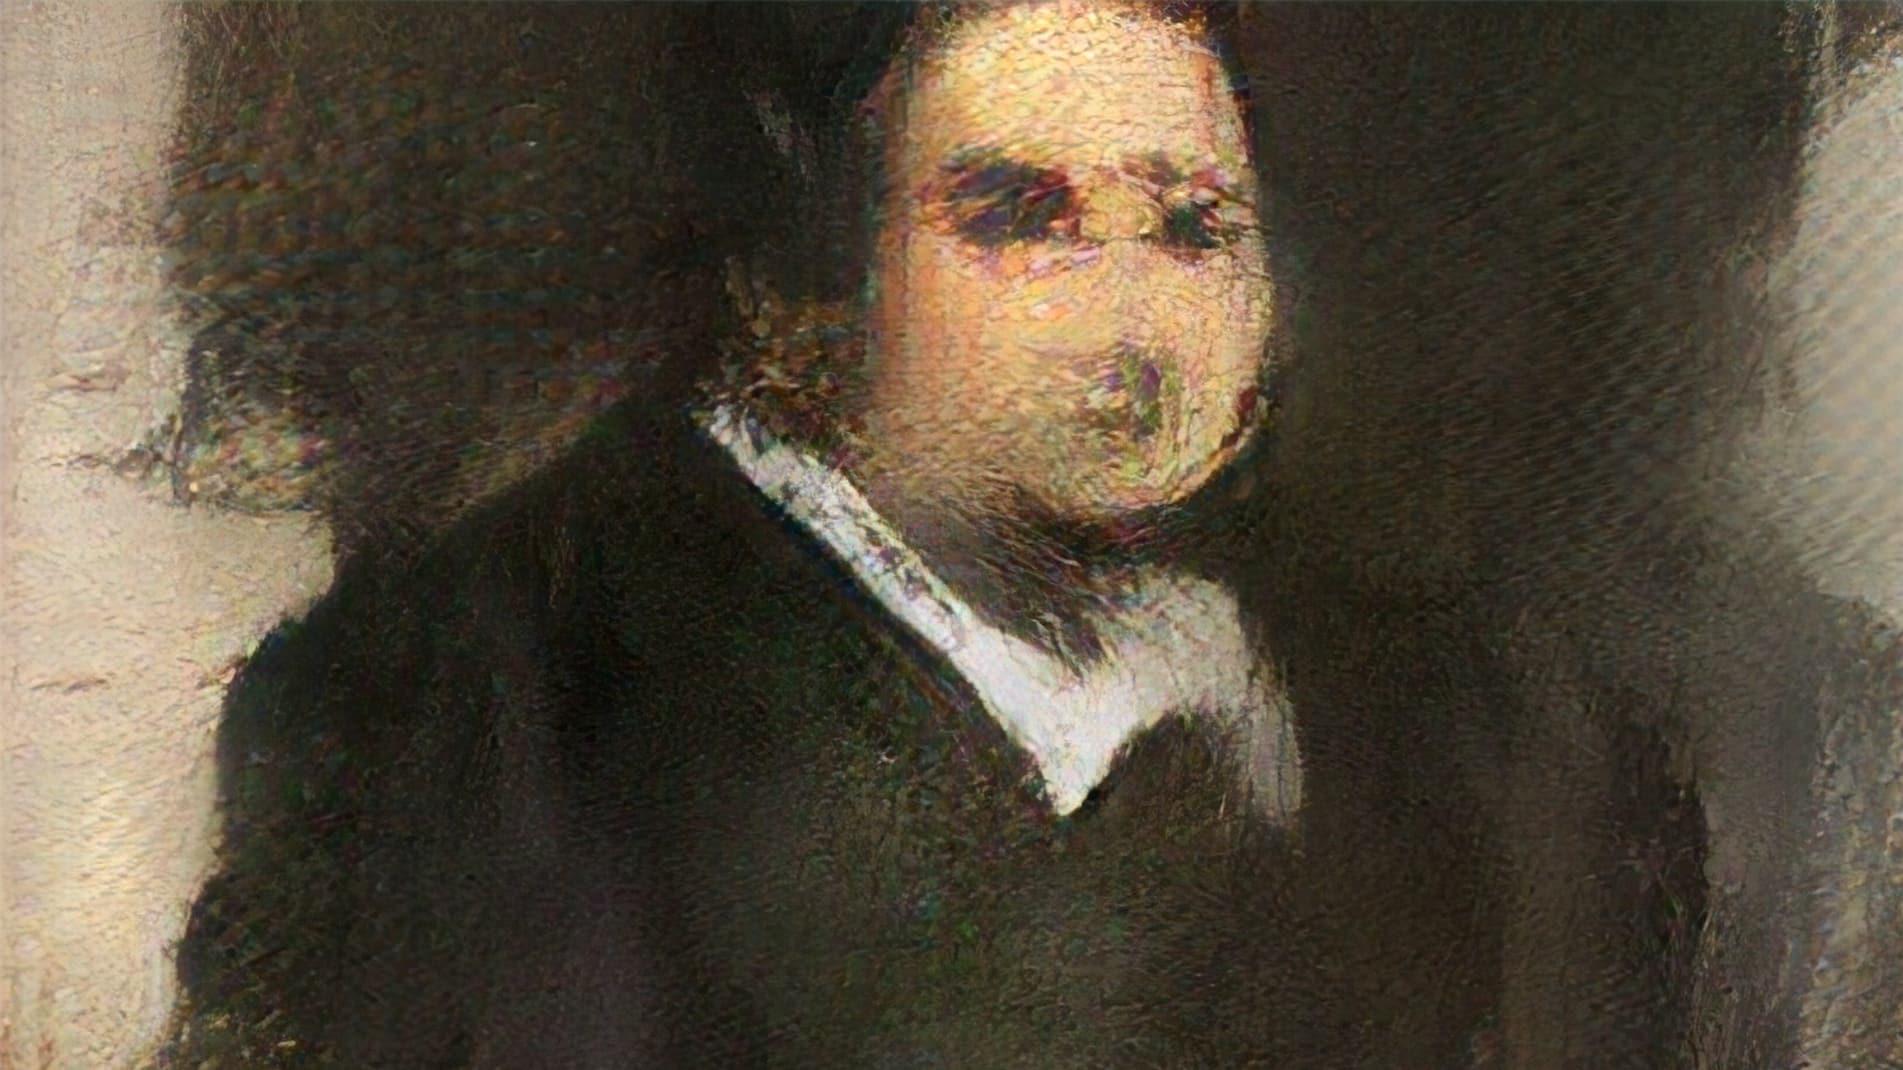 Картина, нарисованная искусственным интеллектом, продана за 433 000 долларов